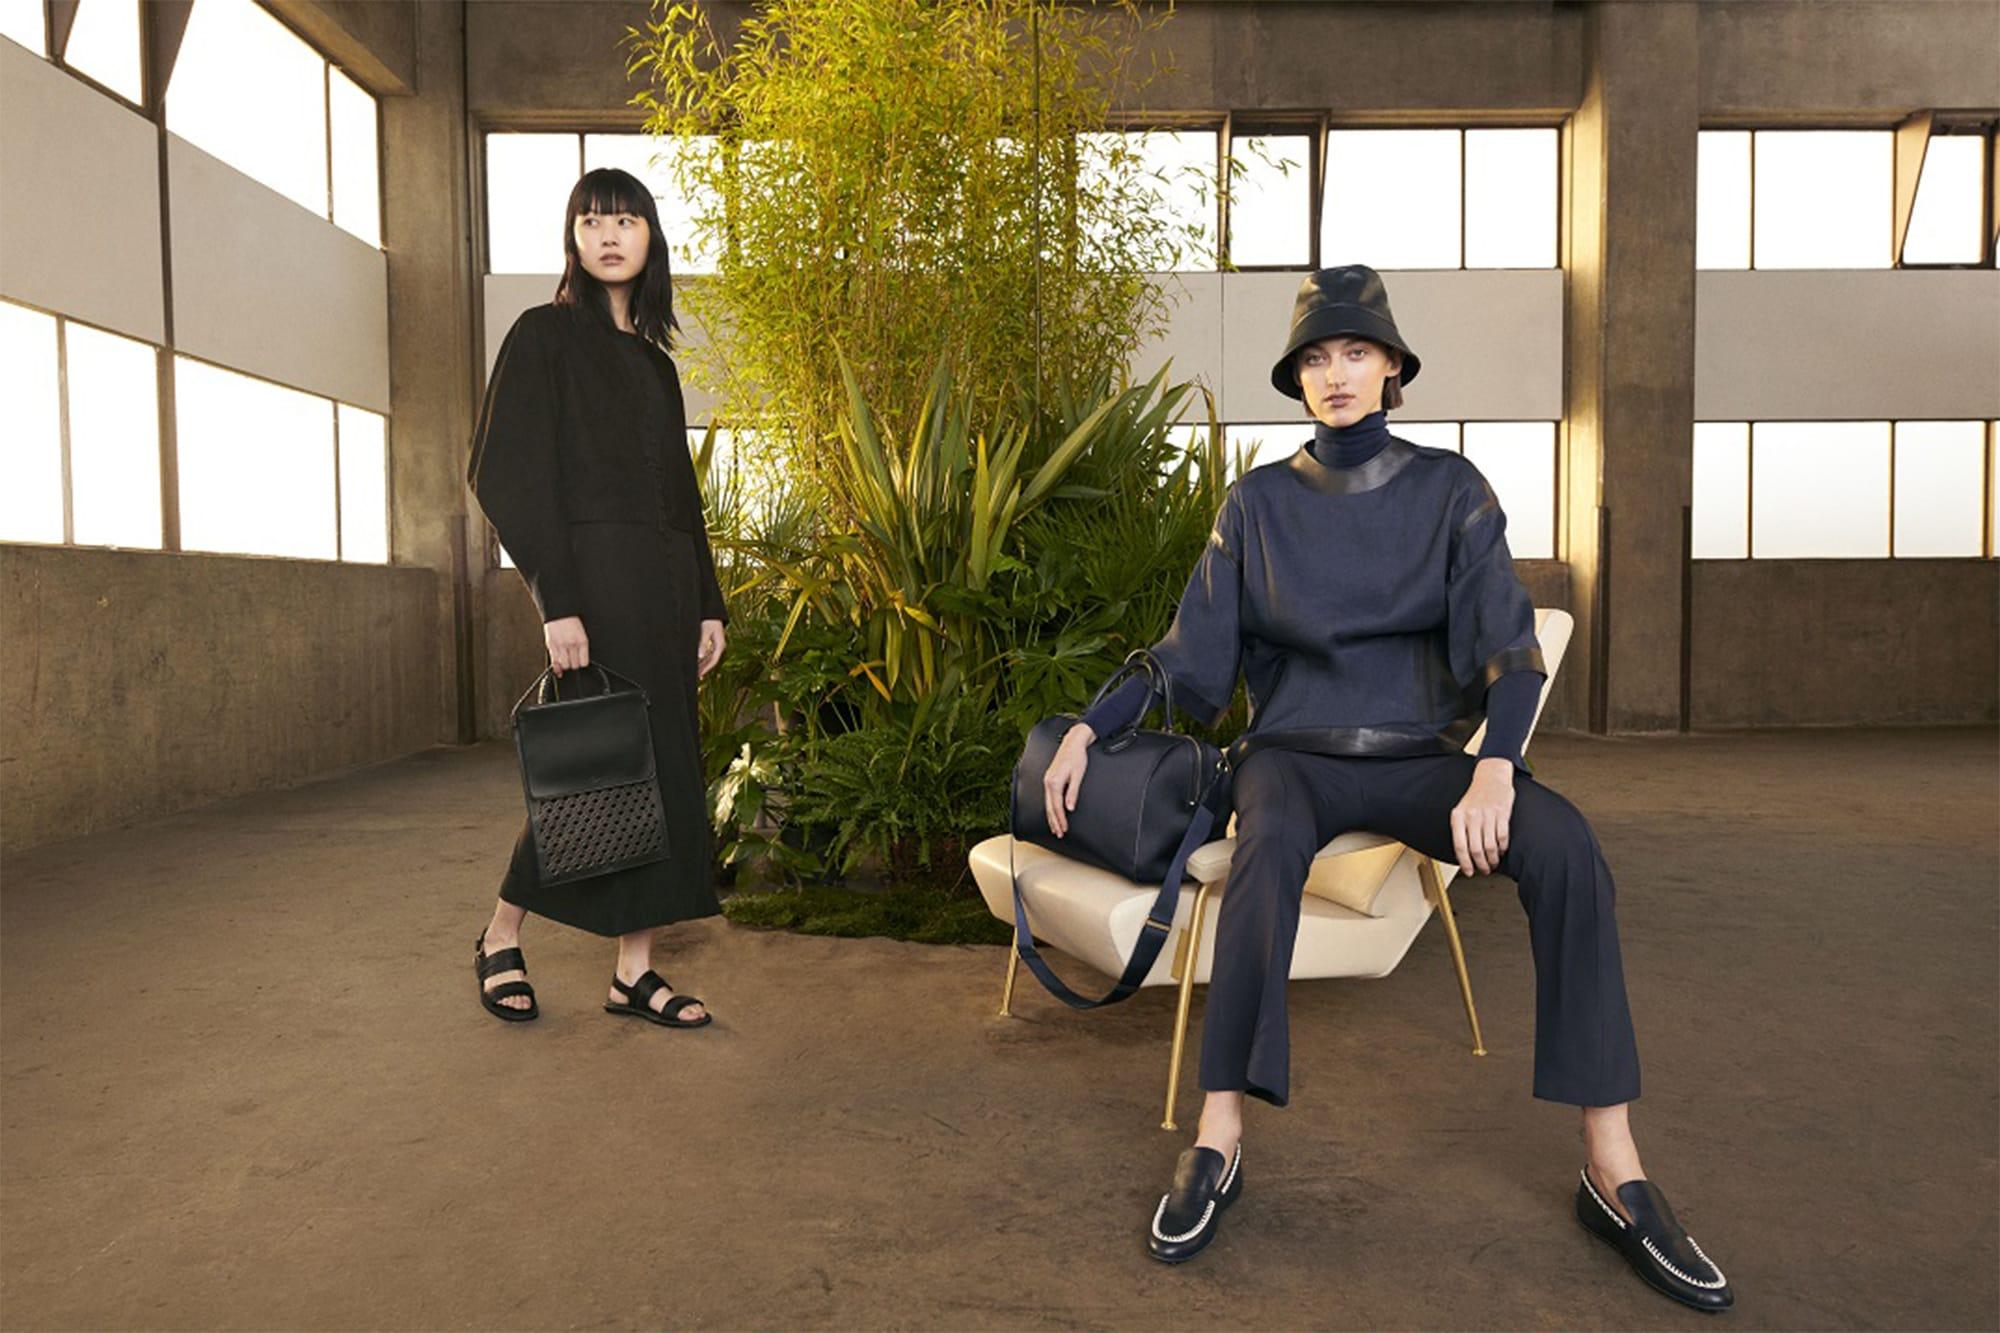 ビジネスシーンから小旅行まで、女性の幅広いニーズを満たしてくれるウェアやバッグ、シューズまでをフルラインアップ。